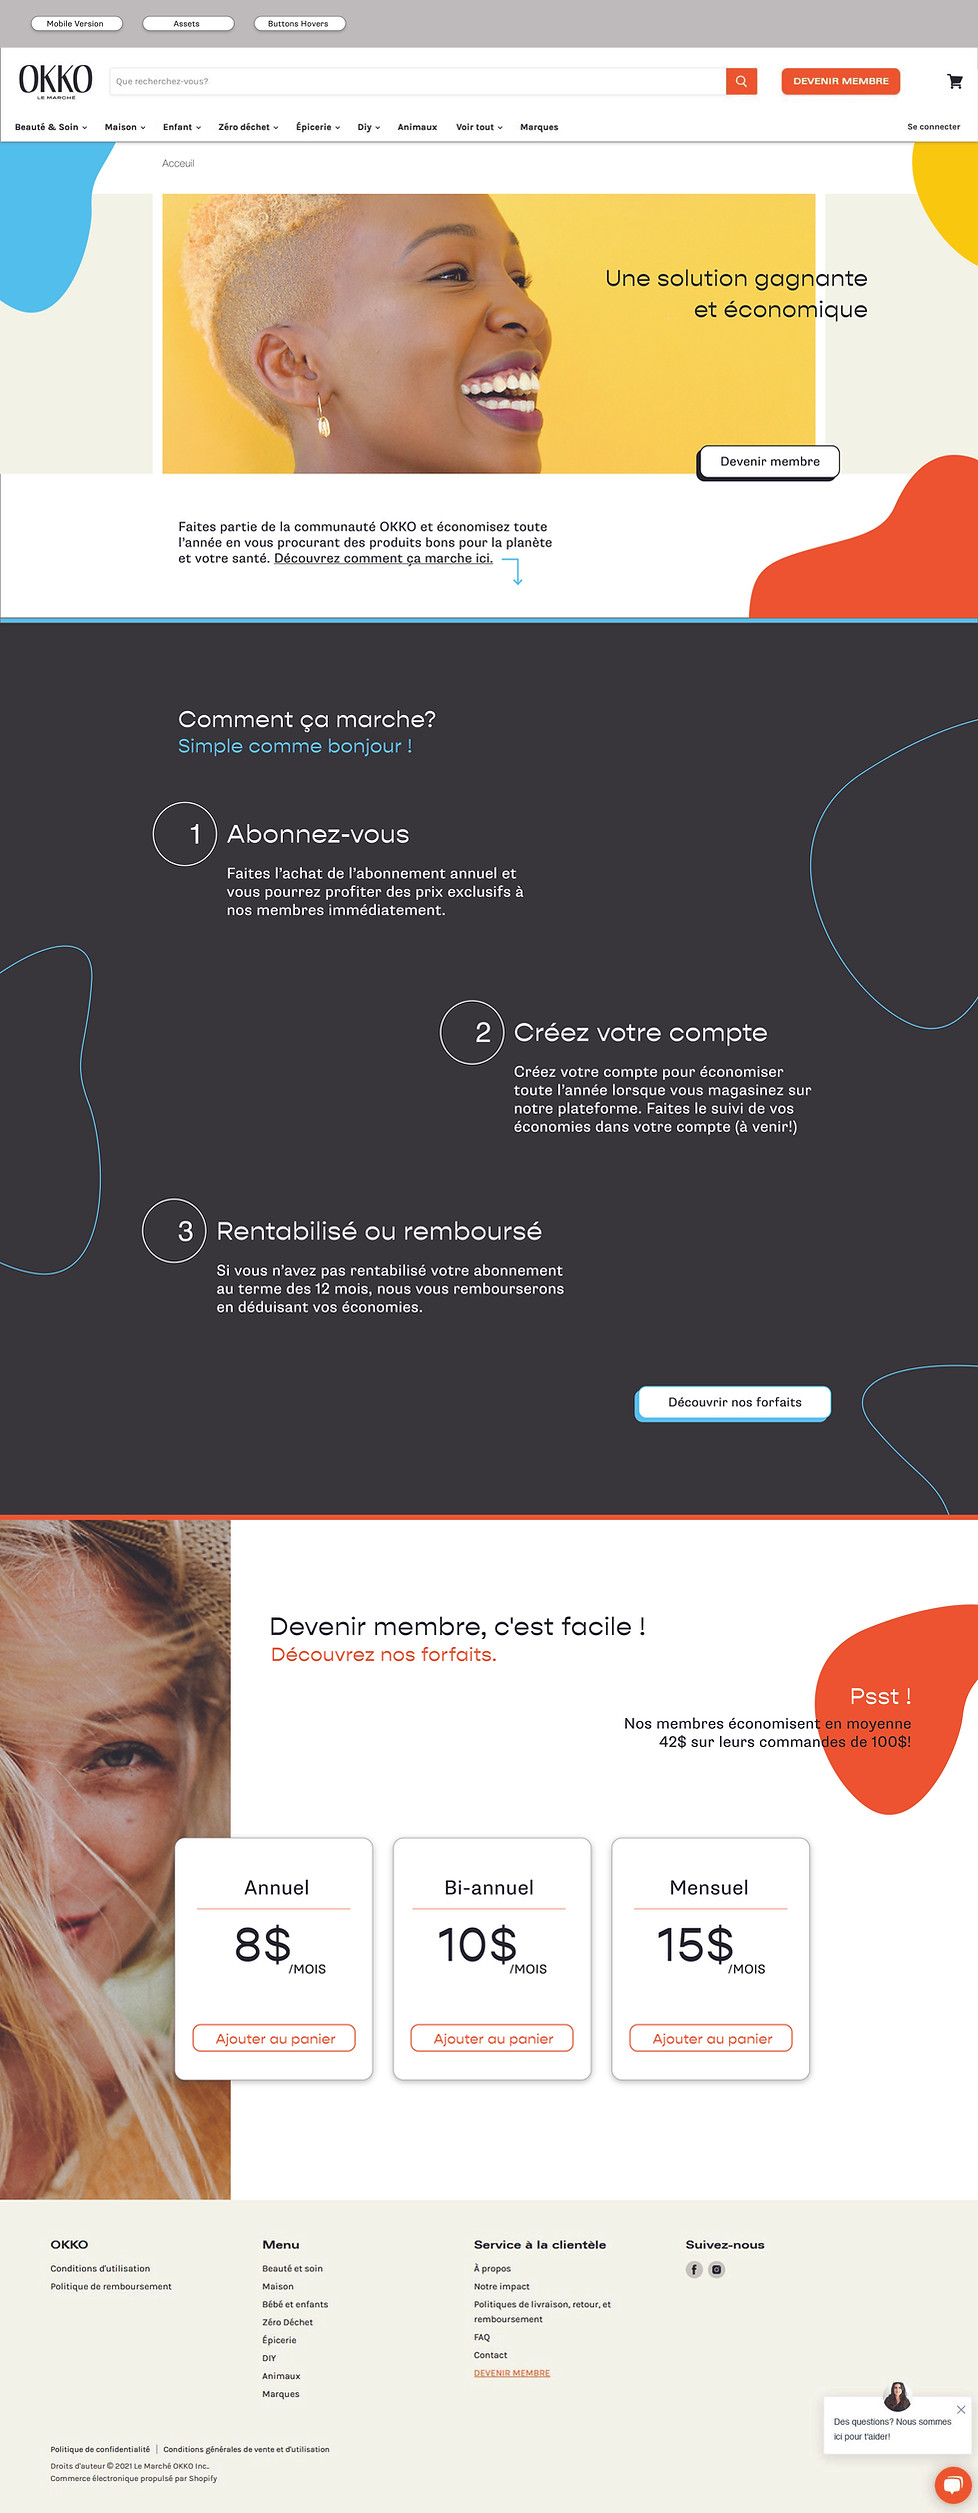 _OKKO Maquette Desktop.jpg